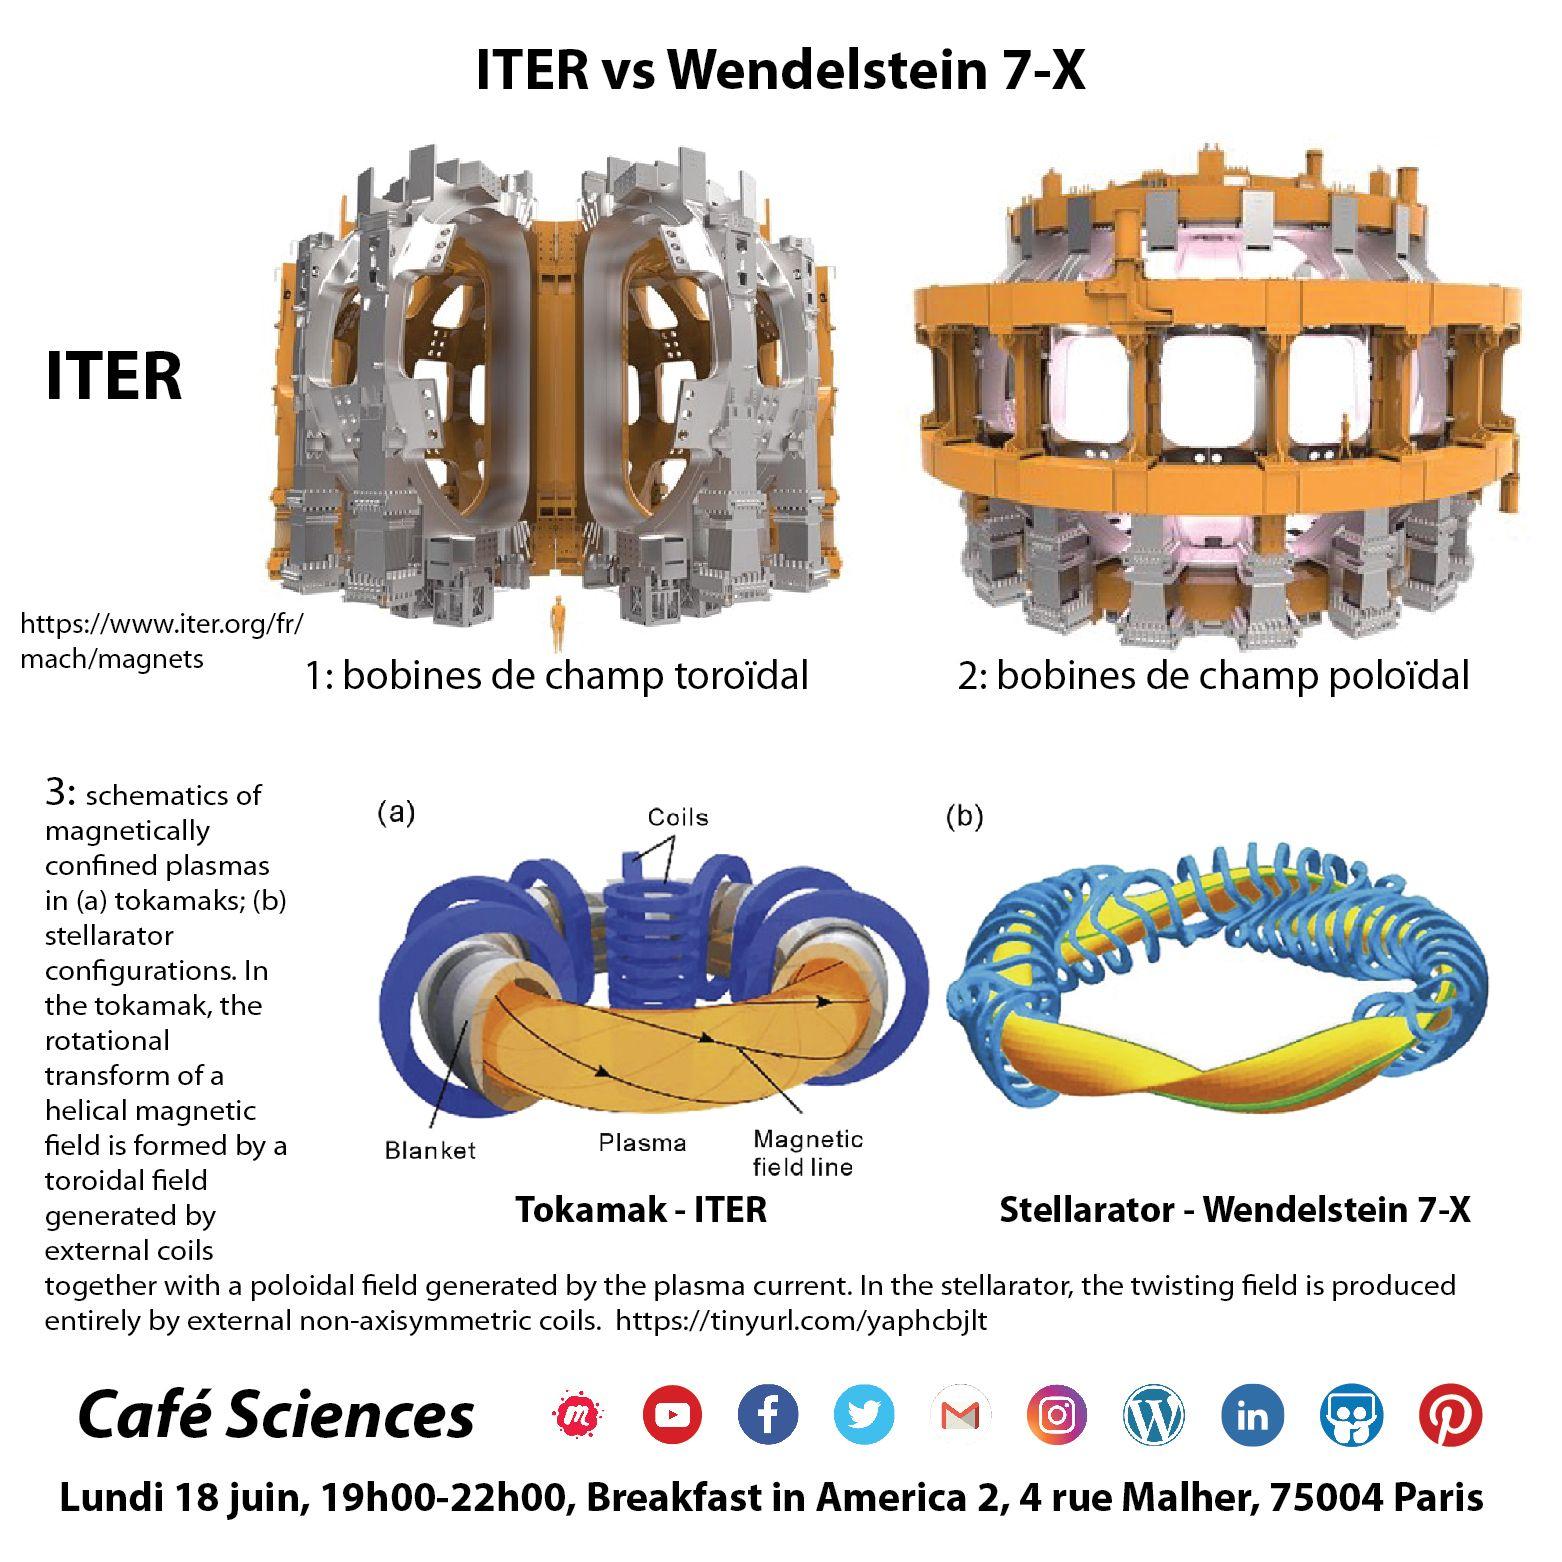 Fusion Nuclaire Nergie Propre Prochain Caf Sciences Les Wendelstein Engineering Schematics Dnomm Polodal Qui Empche La Plupart Des Particules De Plasma Percuter Parois Lenceinte Torode Dans Un Stellarator 2 On Utilise